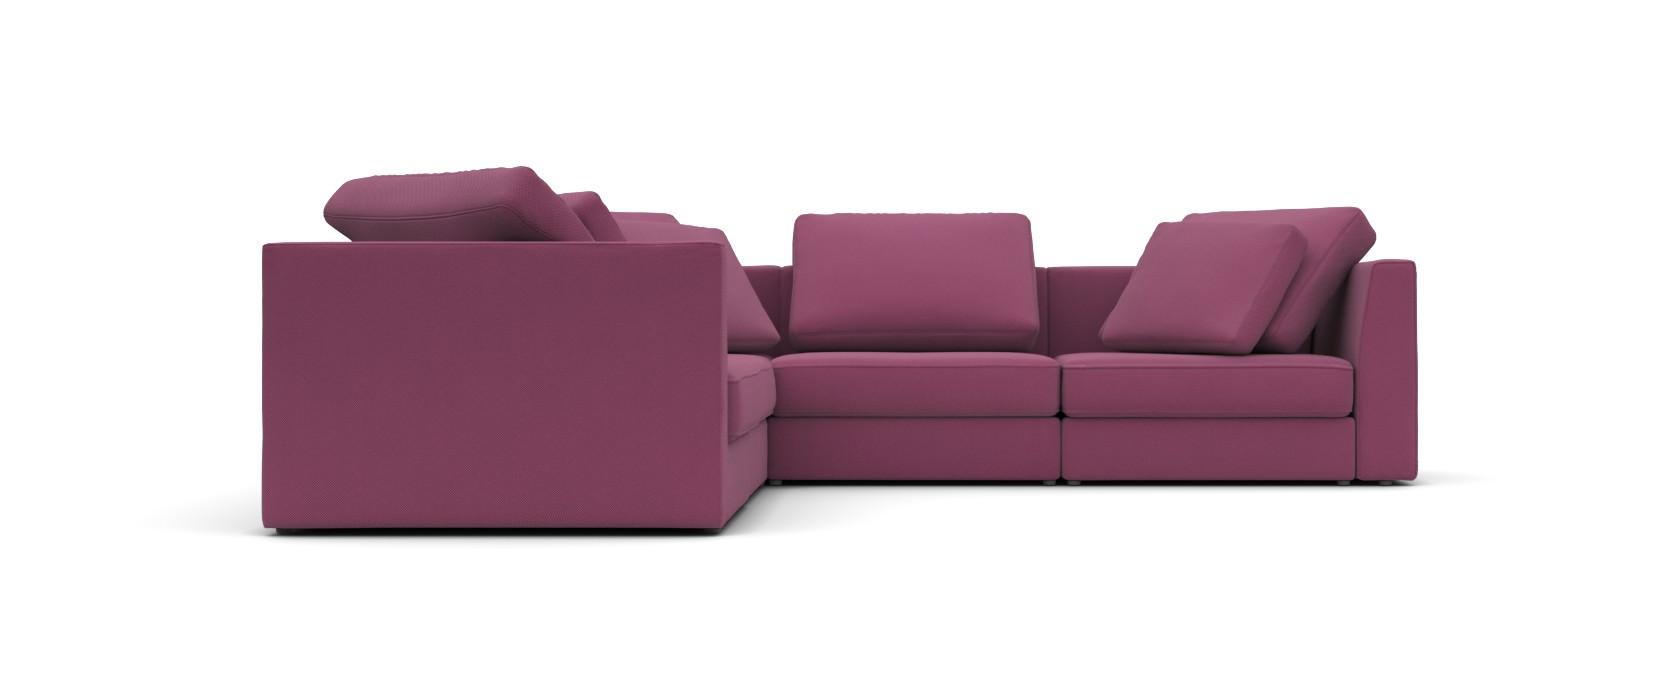 Модульный диван Lisboa 306x306 - Pufetto